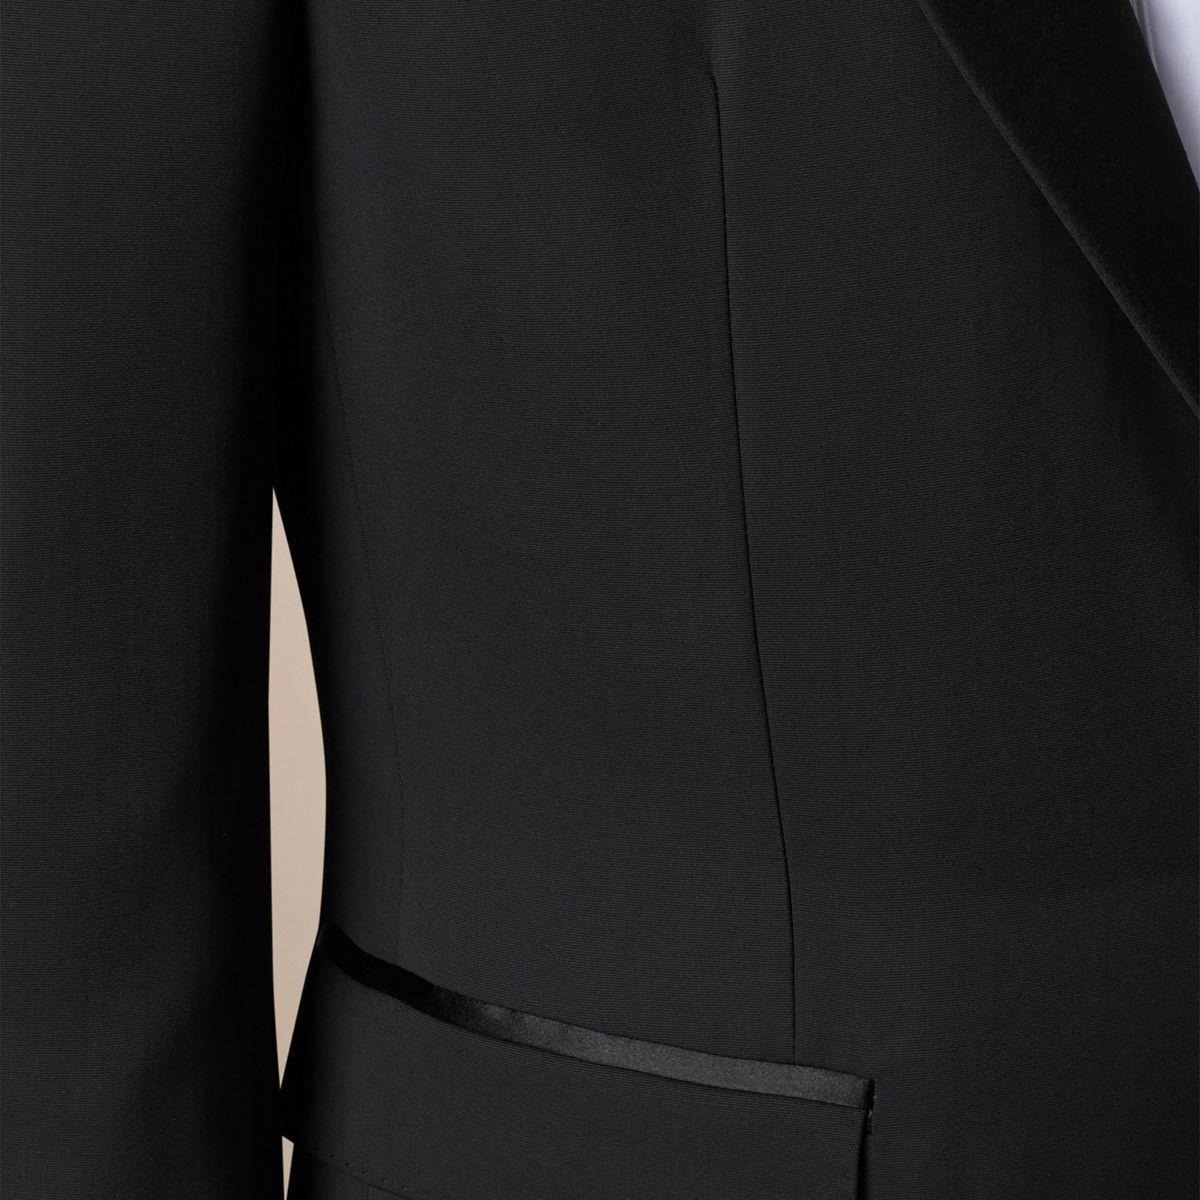 Burberry Satin Lapel Tuxedo Jacket in Black for Men